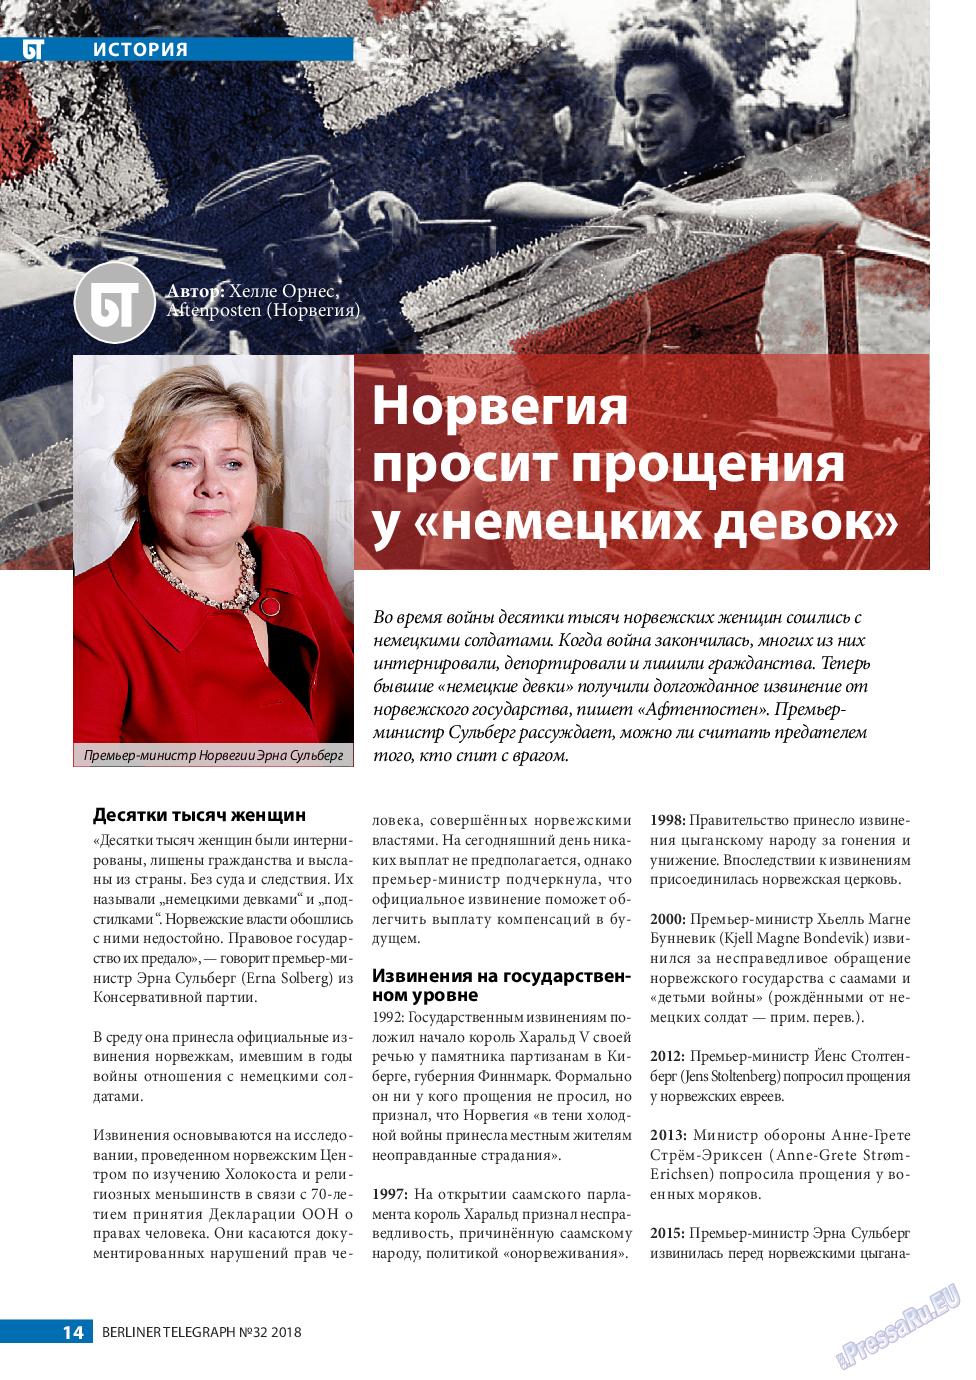 Берлинский телеграф (журнал). 2018 год, номер 32, стр. 14